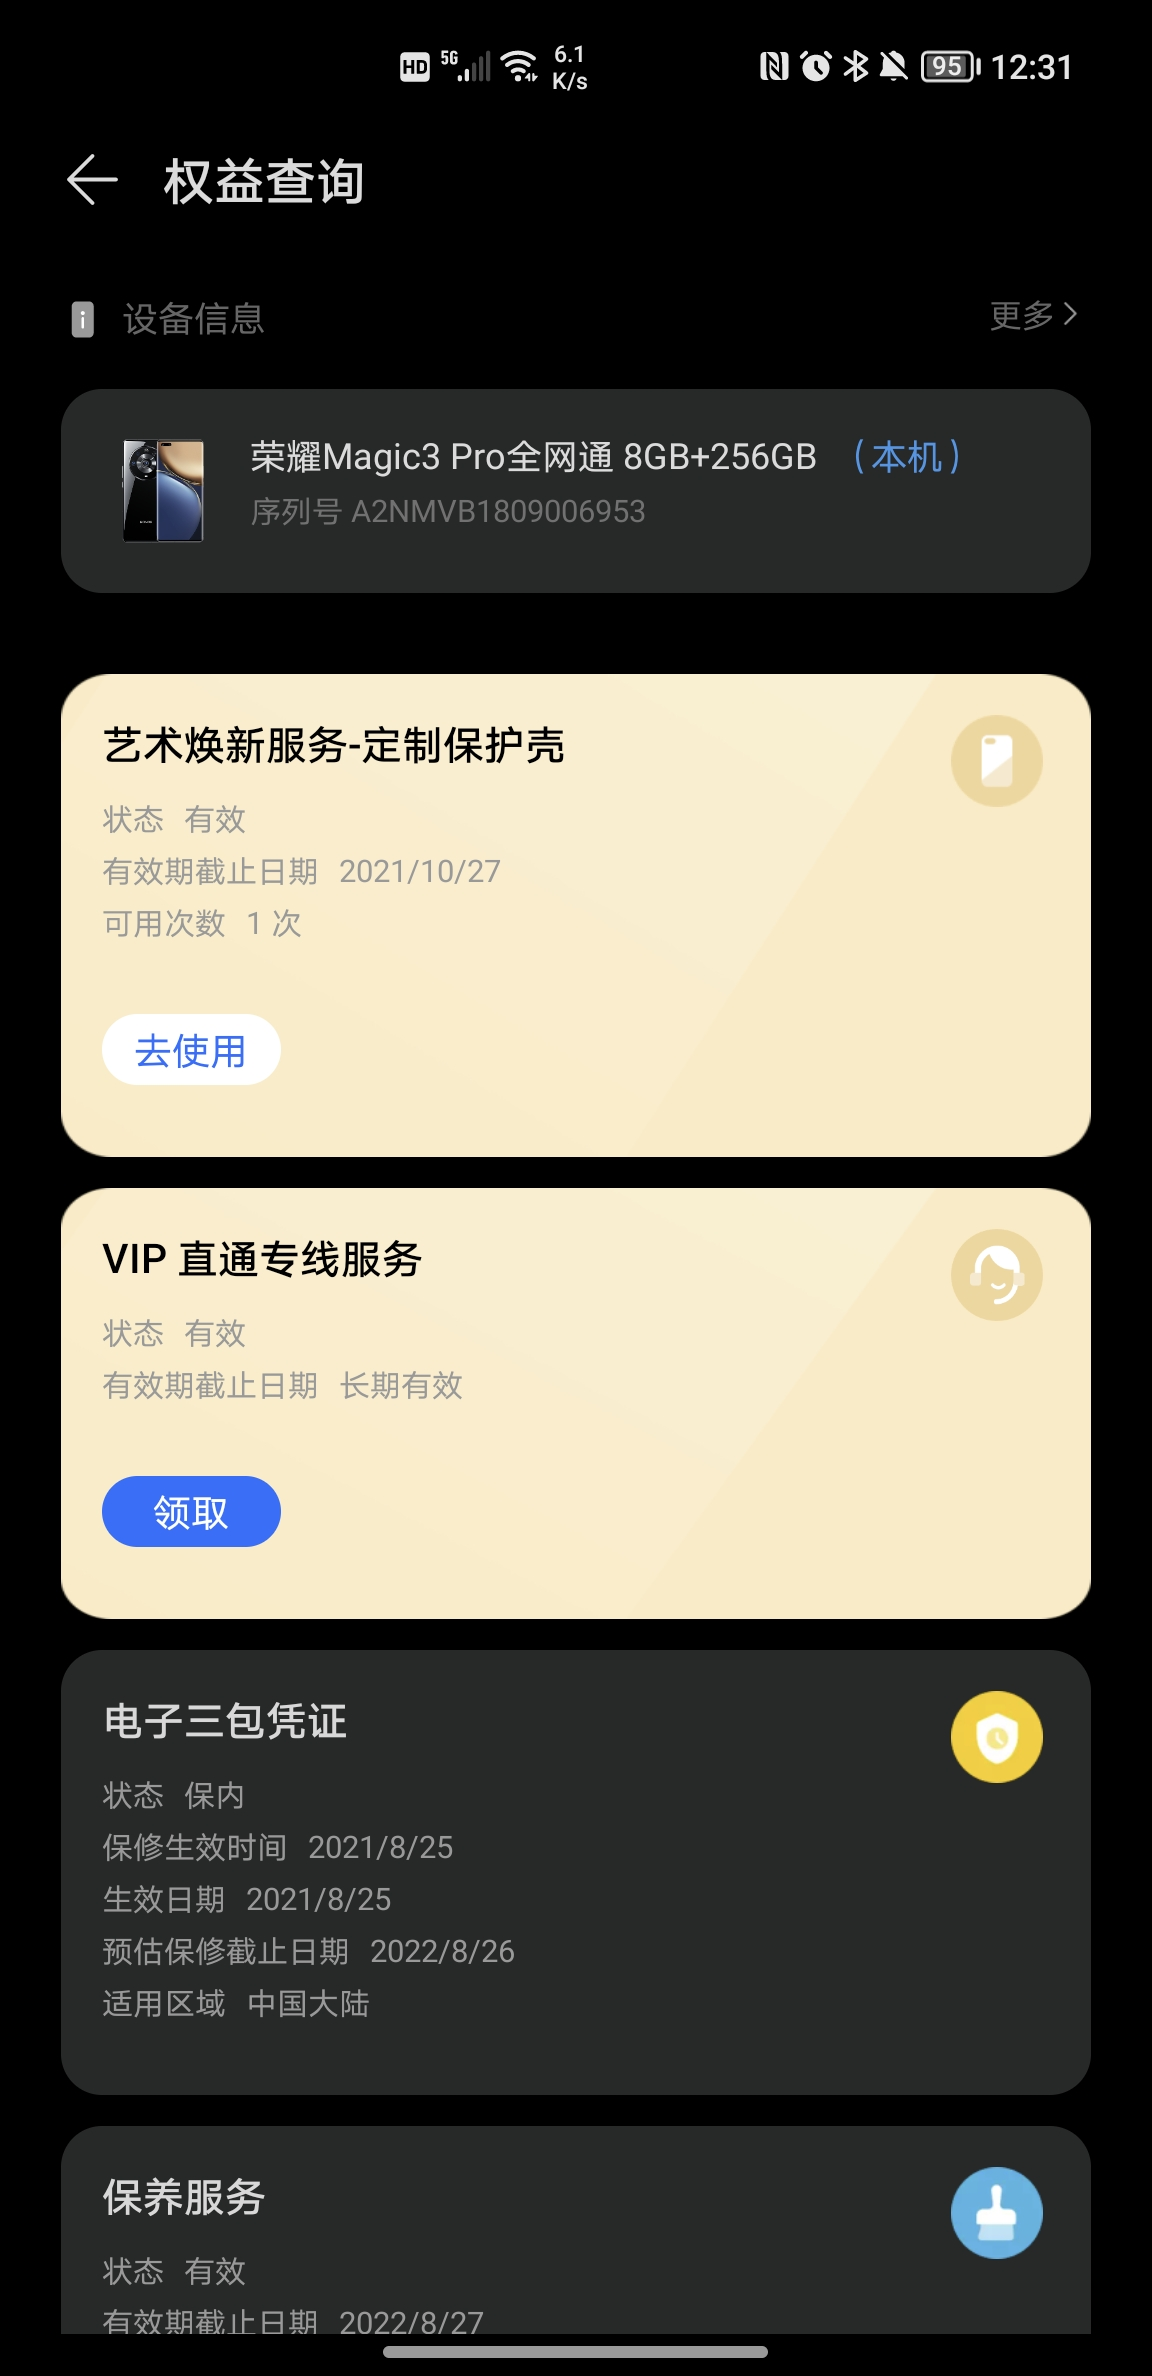 Screenshot_20210921_123144.jpg